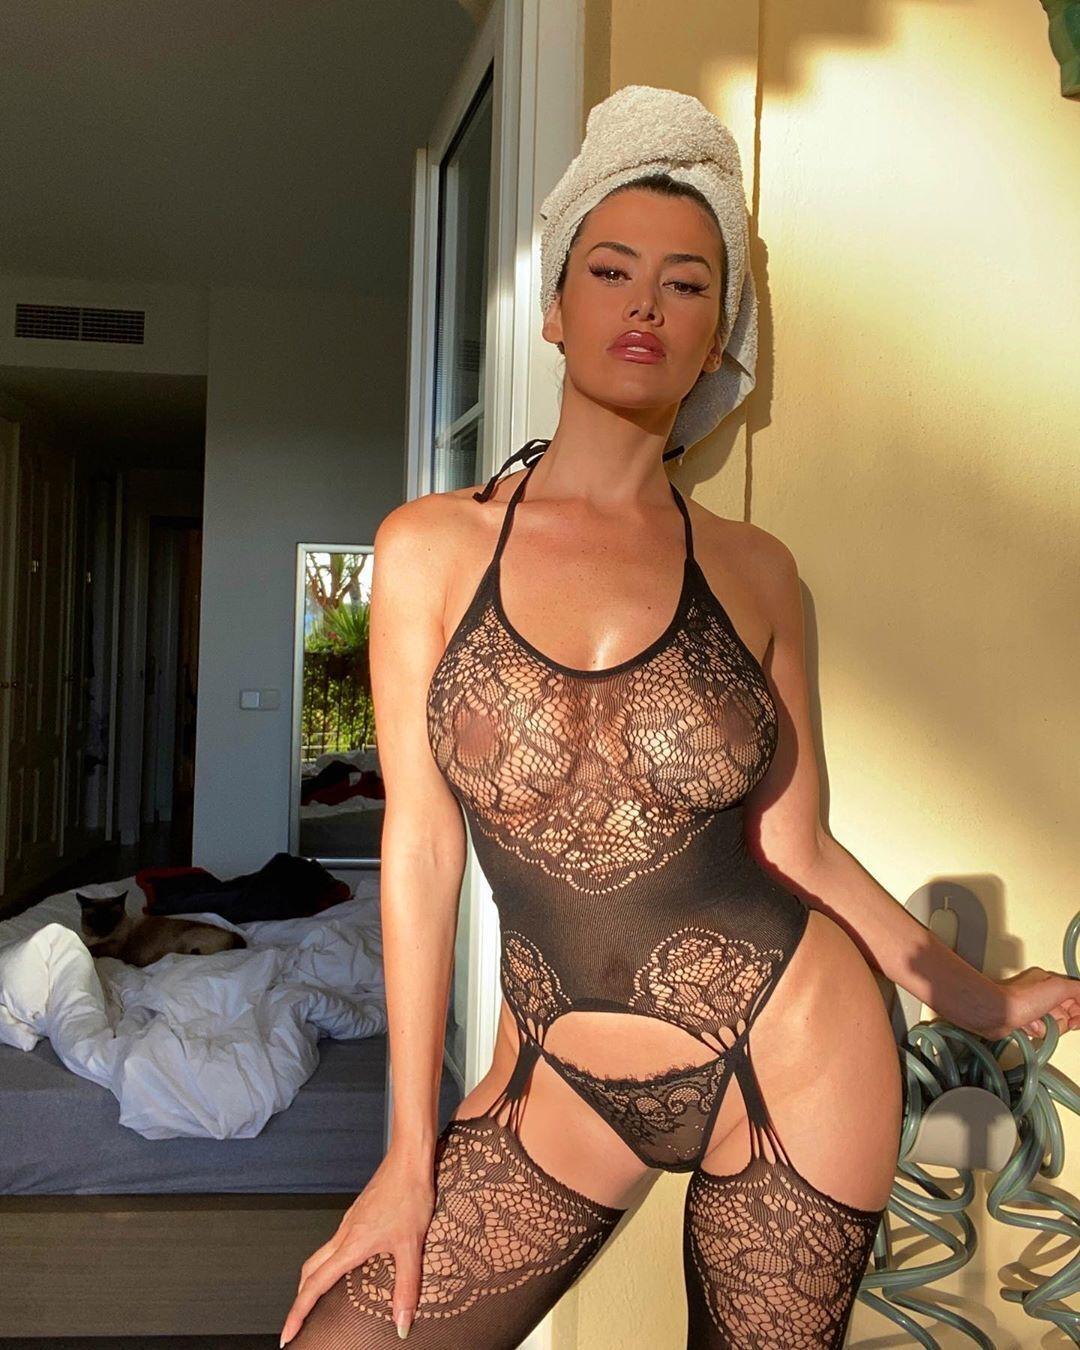 Єва Падлок в прозорому одягу